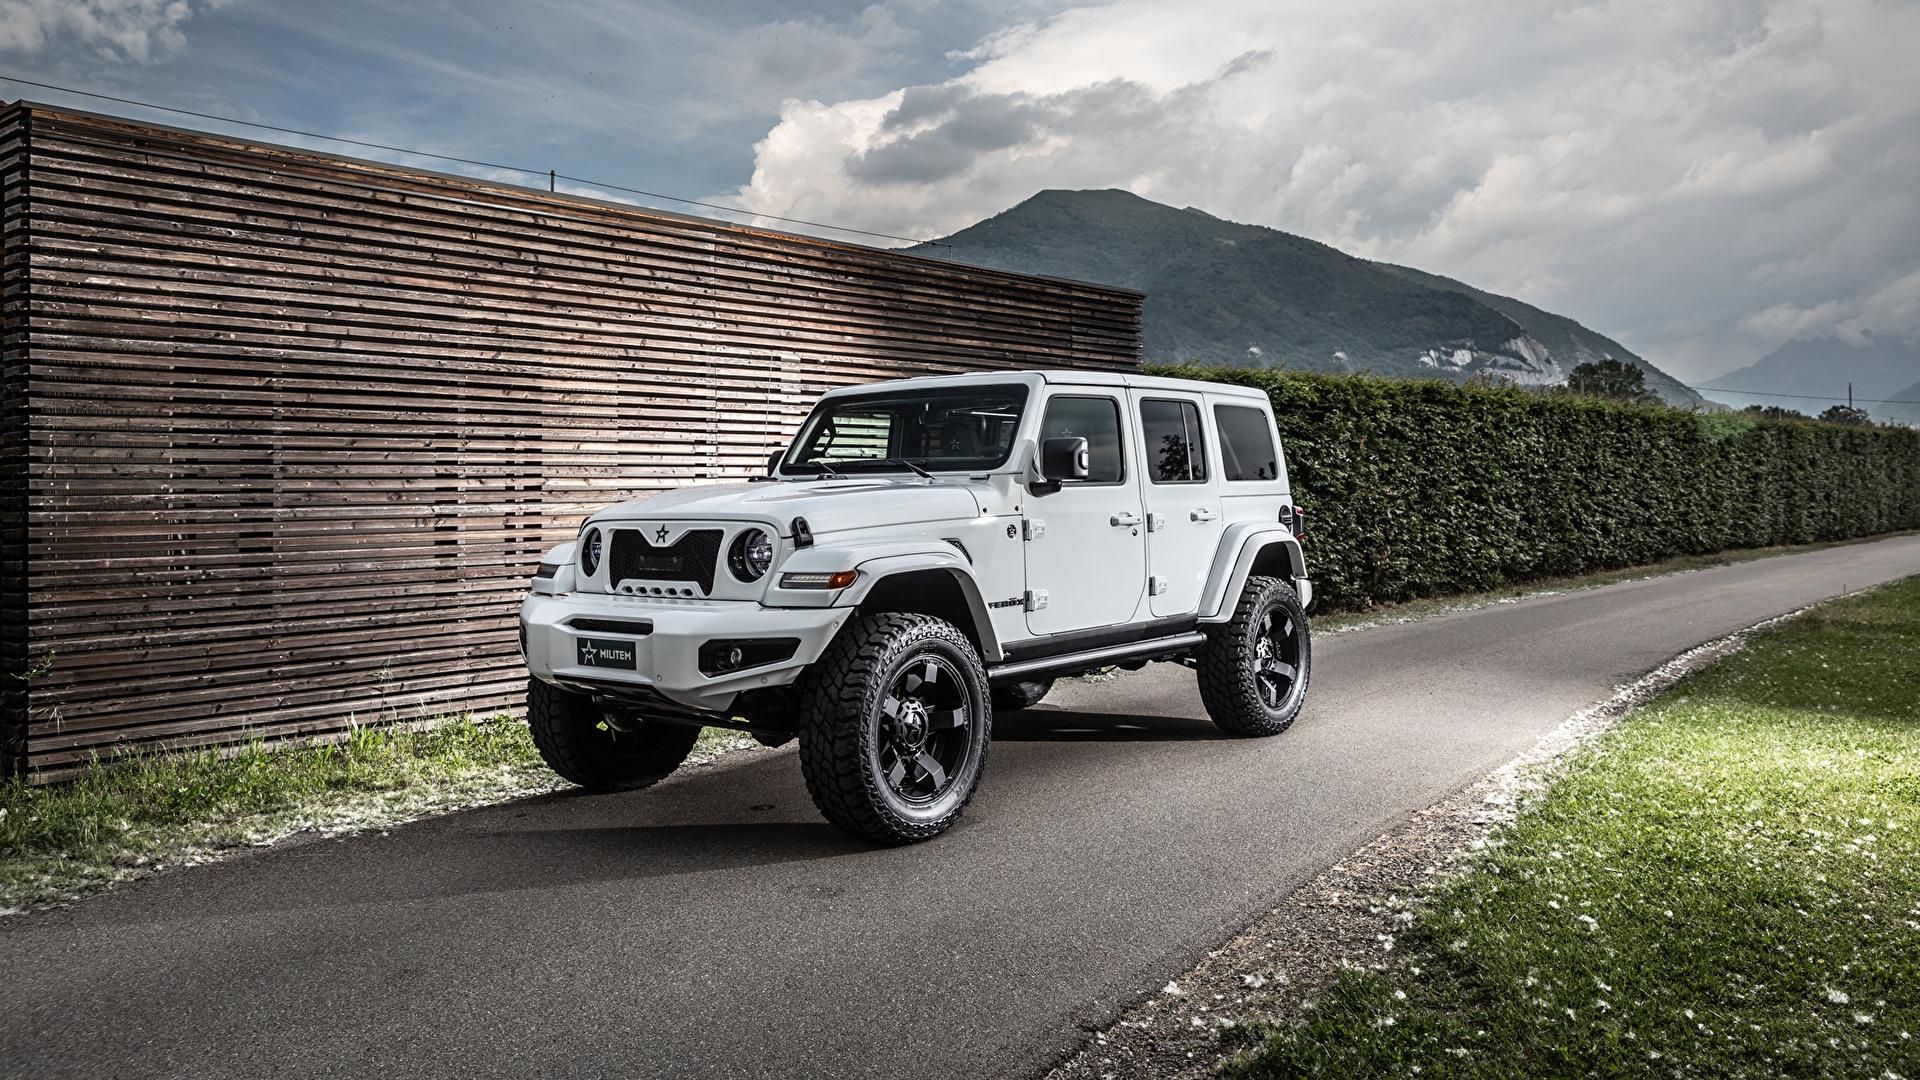 Фотографии Джип Внедорожник 2019 Militem Ferōx белые Автомобили 1920x1080 Jeep SUV белая Белый белых авто машины машина автомобиль